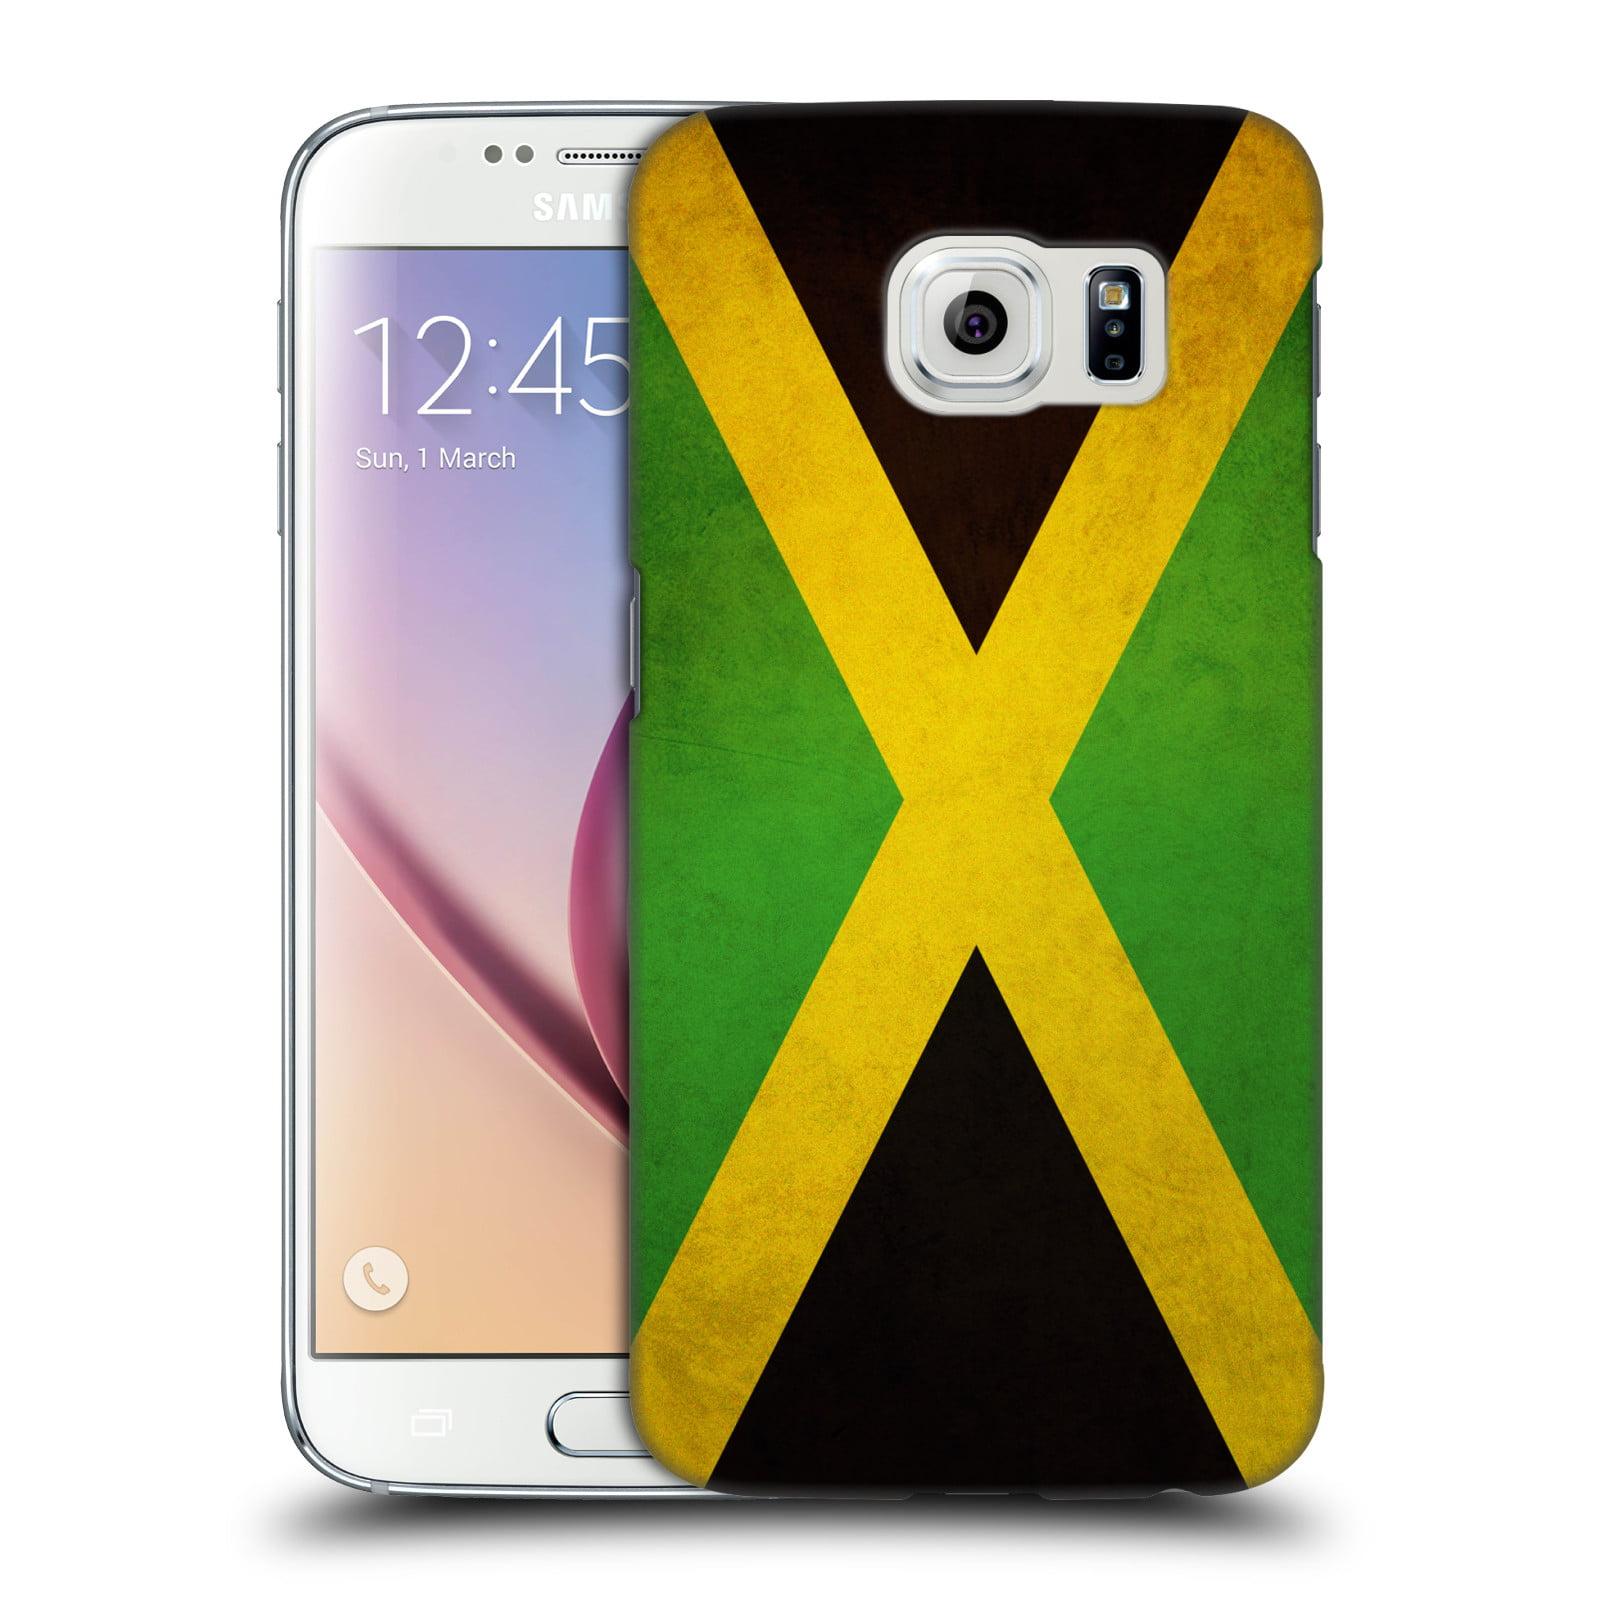 HEAD CASE DESIGNS VINTAGE FLAGS HARD BACK CASE FOR SAMSUNG PHONES 1